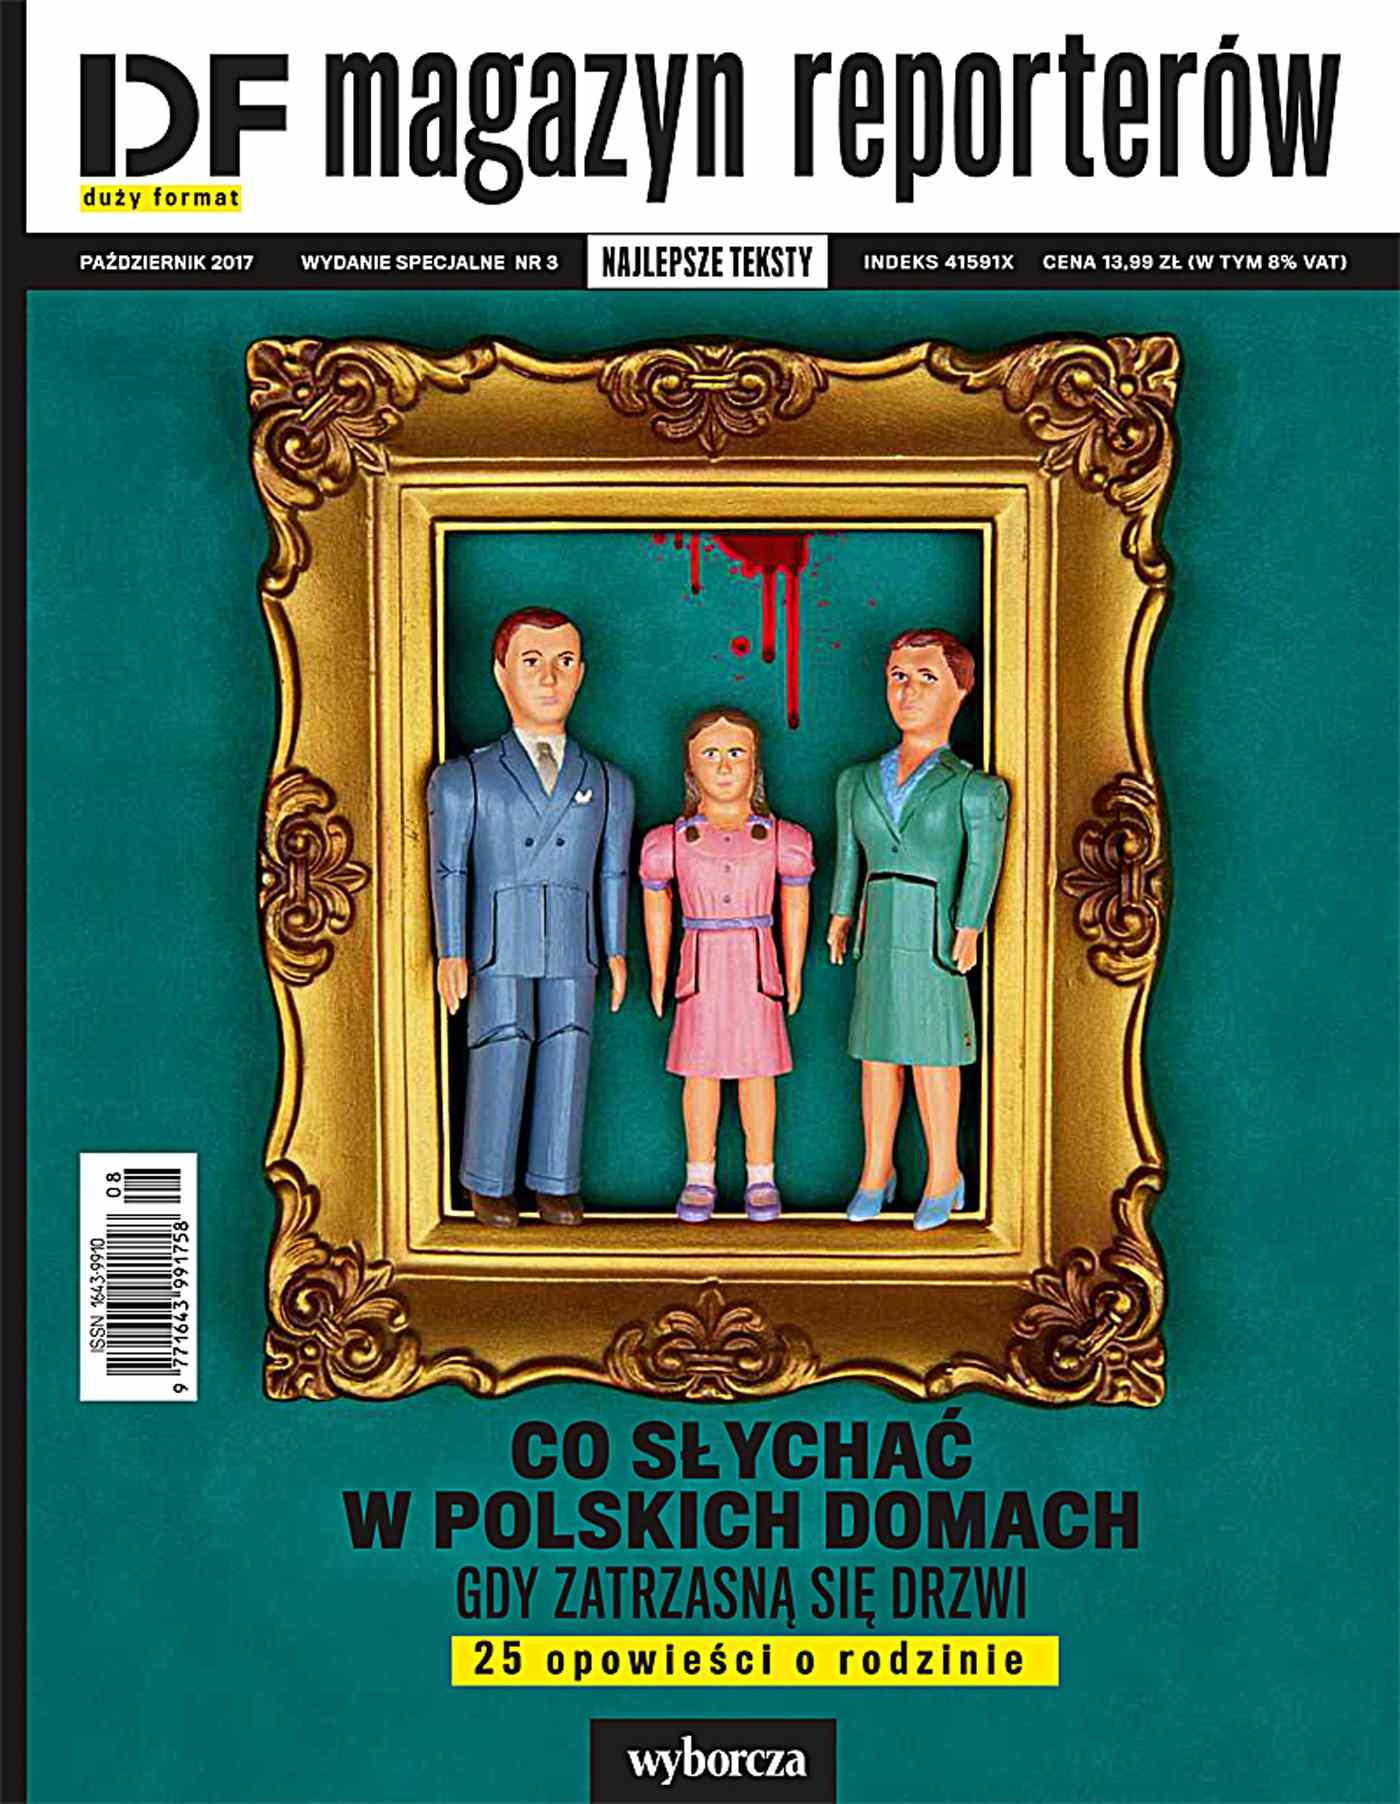 Duży Format. Wydanie Specjalne 3/2017 DF Magazyn Reporterów. Co słychać w polskich domach - Ebook (Książka PDF) do pobrania w formacie PDF